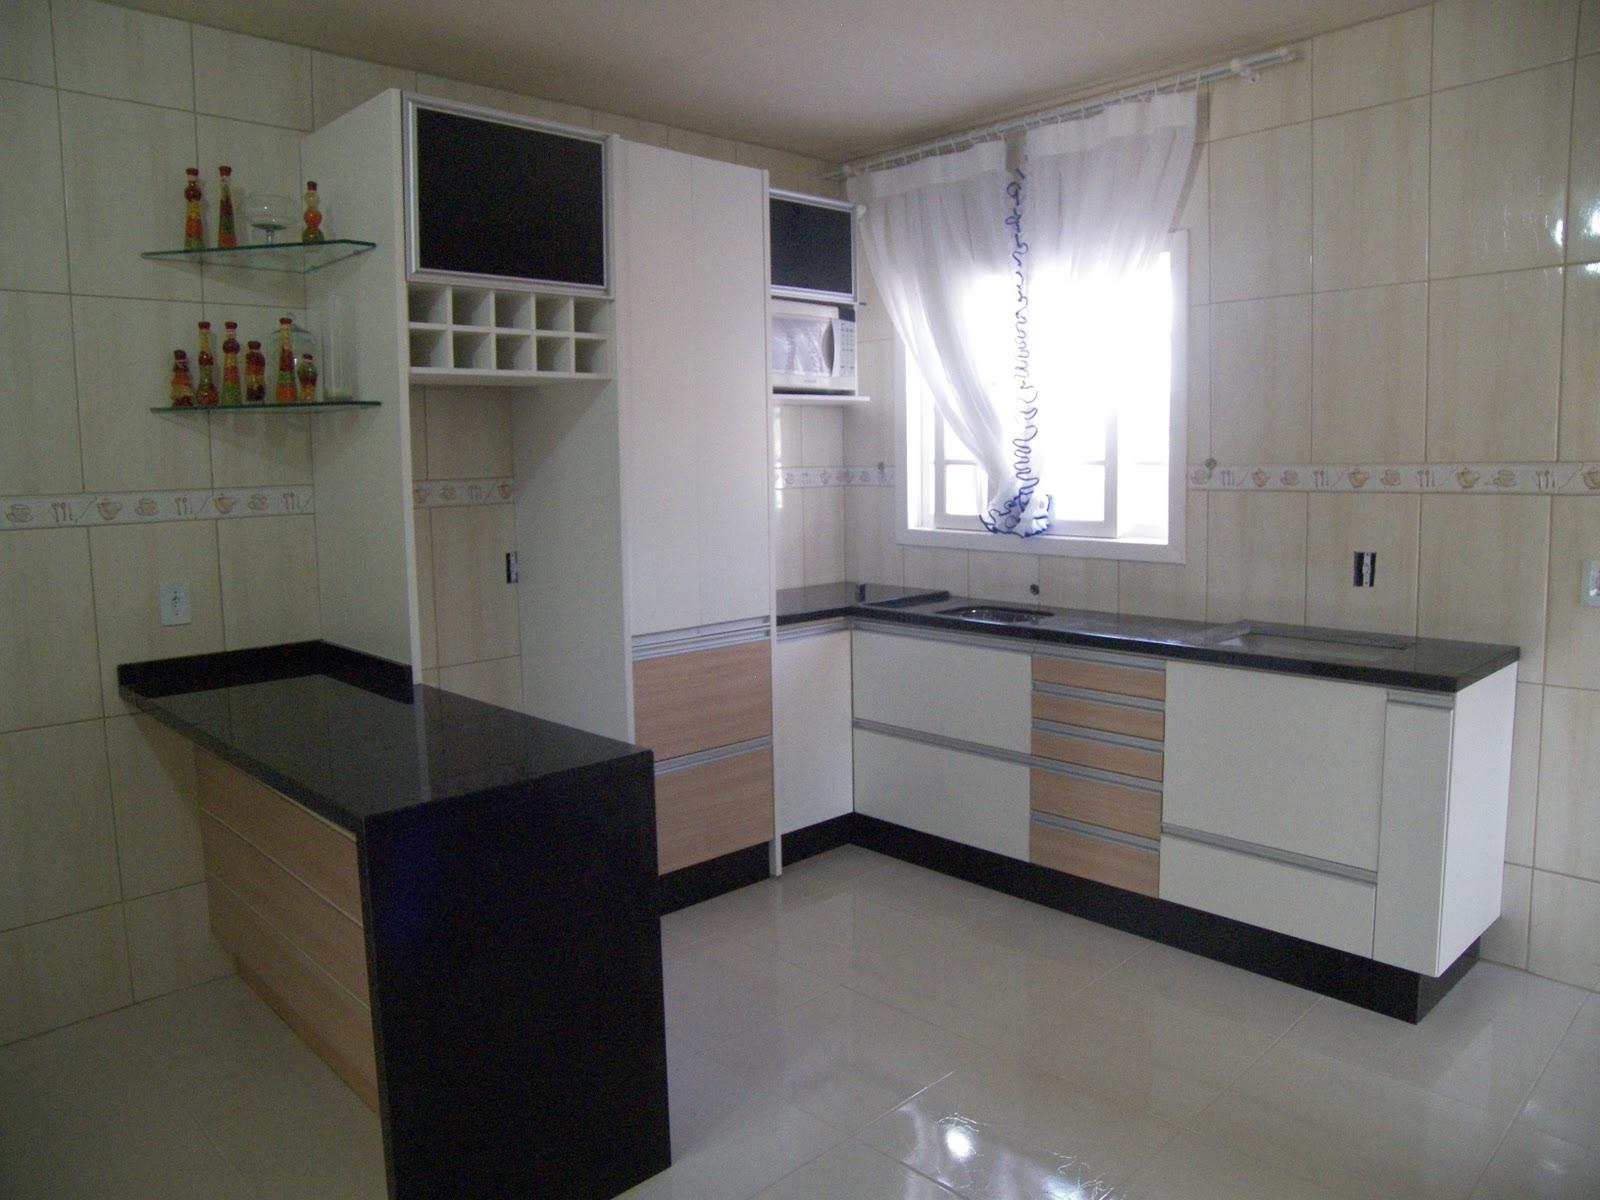 Formularte móveis sob medidas: Cozinha com passa prato #584F40 1600 1200